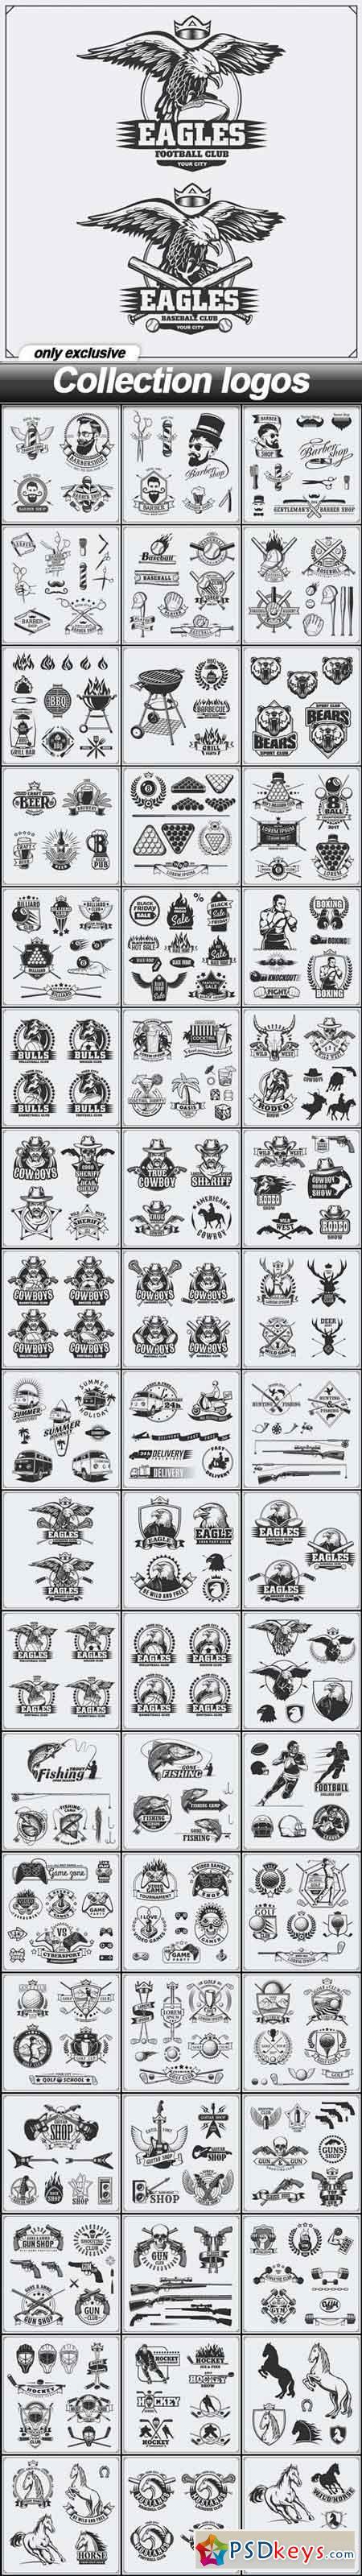 Collection logos - 100 EPS